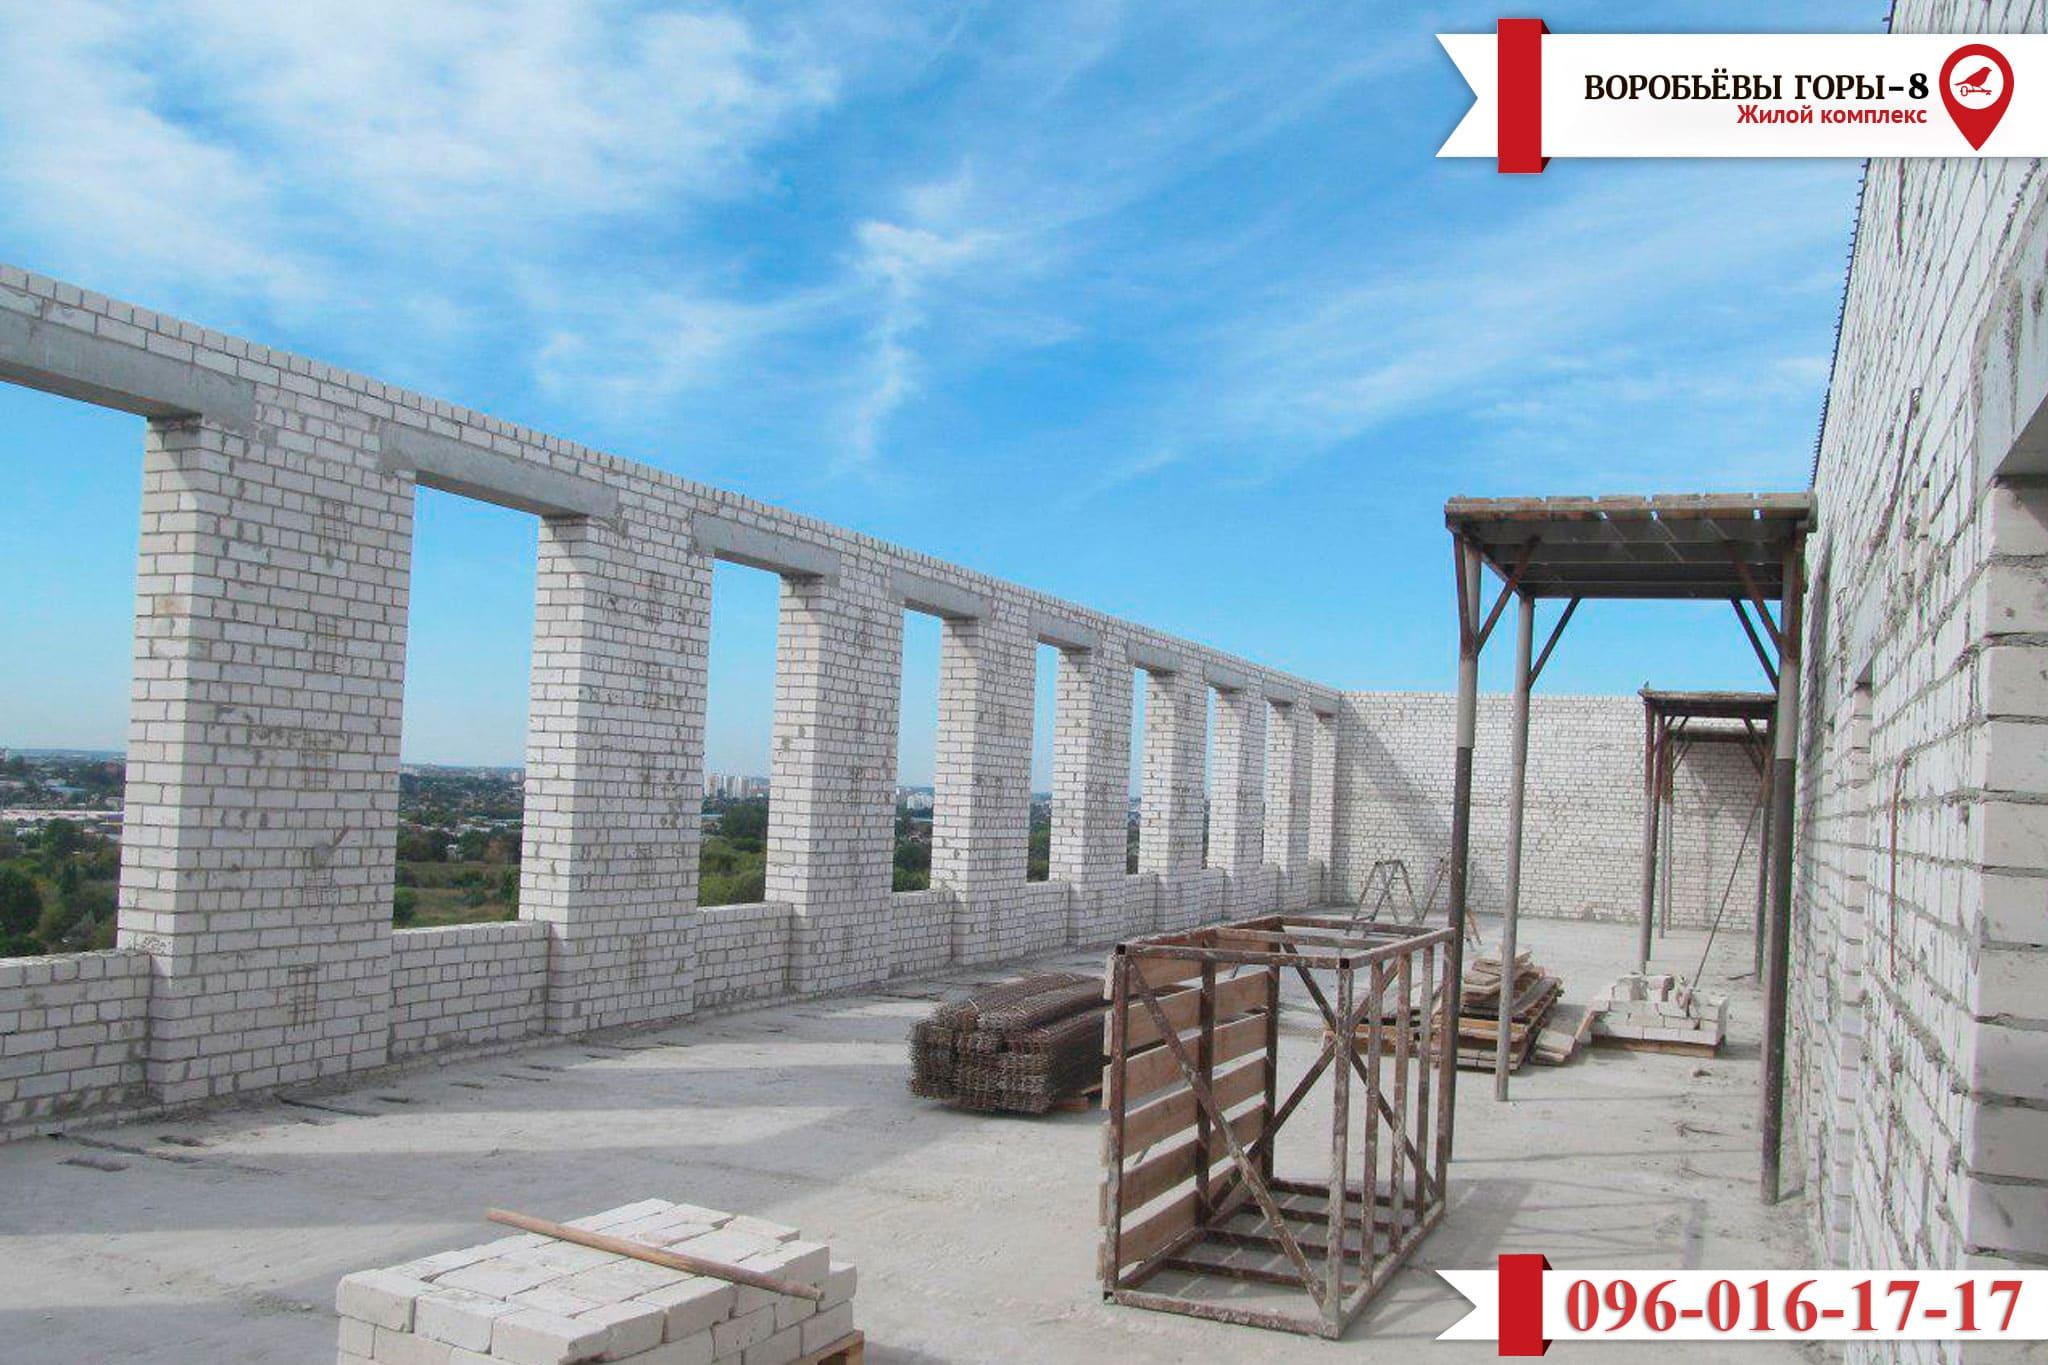 Как проходит строительство ЖК «Воробьевы горы-8»?